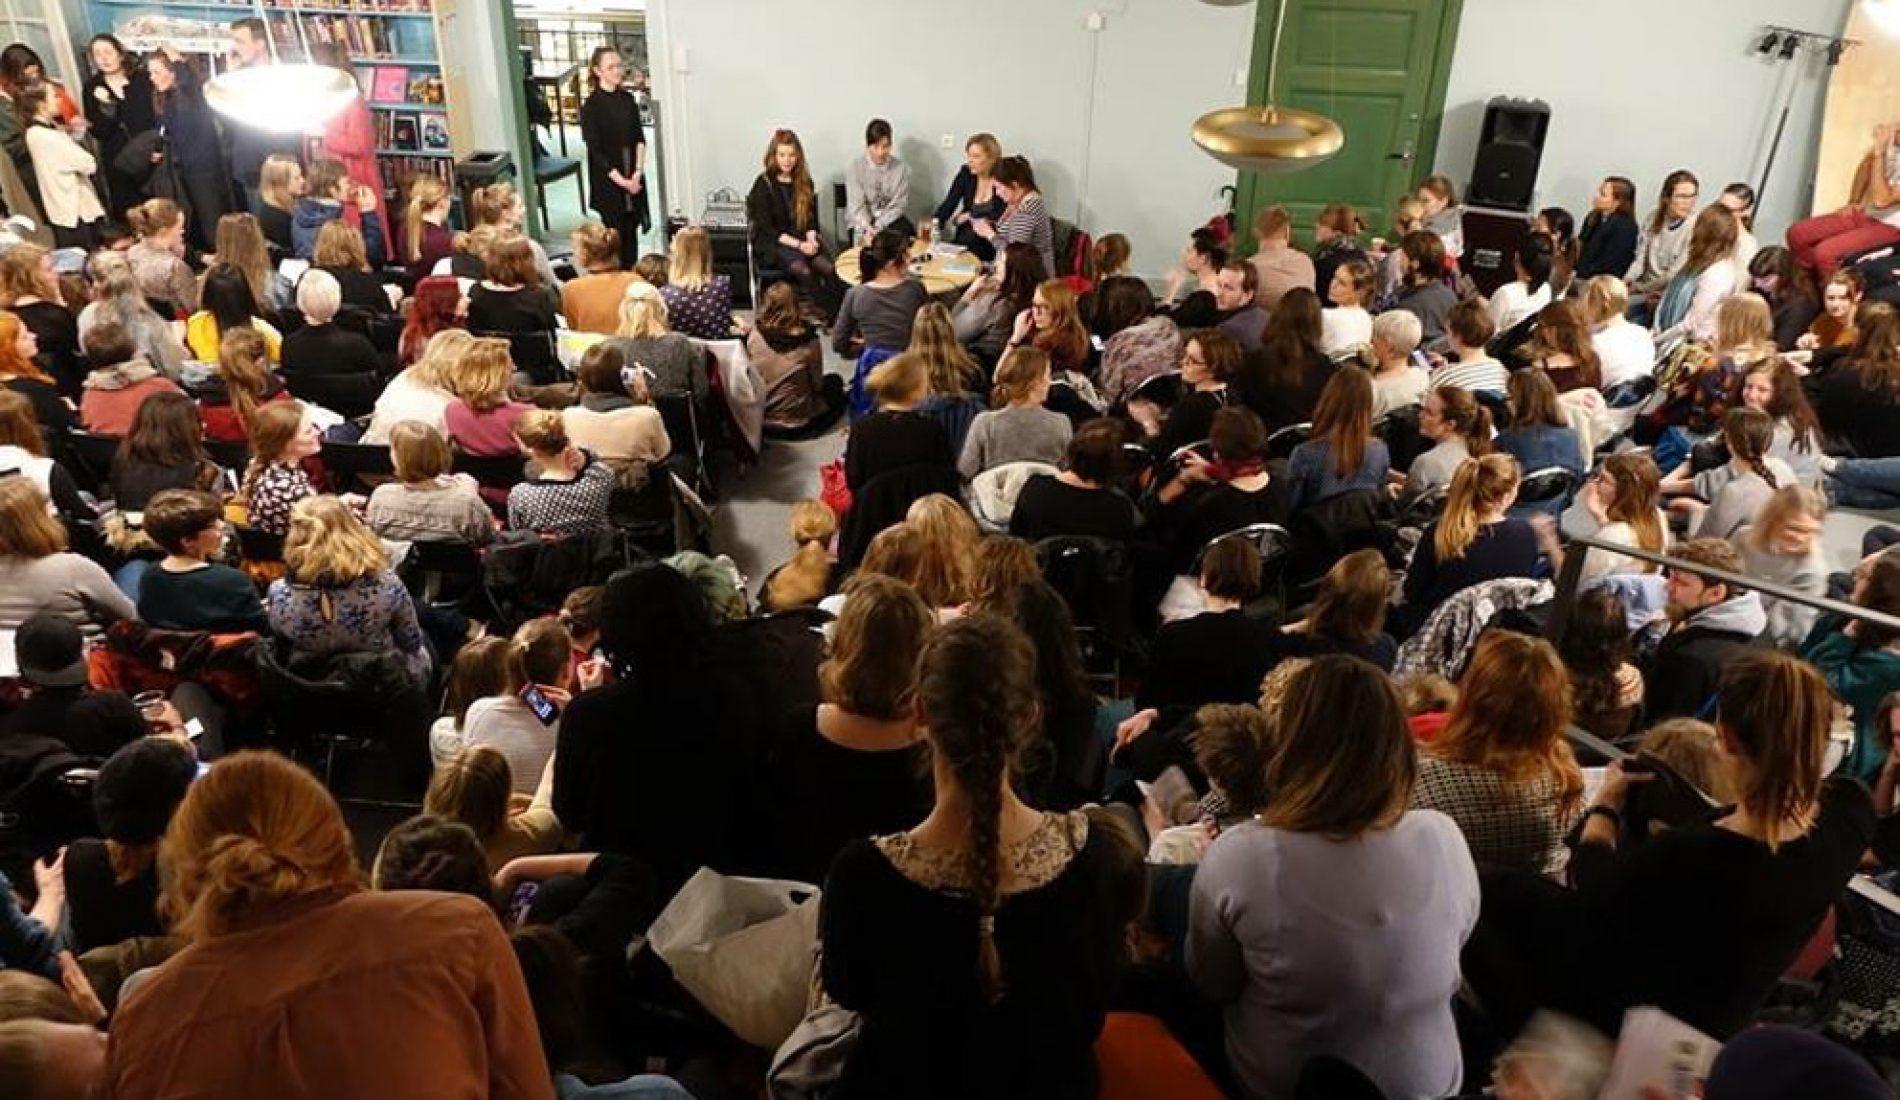 Tjåka fullt på bibliotekdebatt om feminismens rolle i dag.